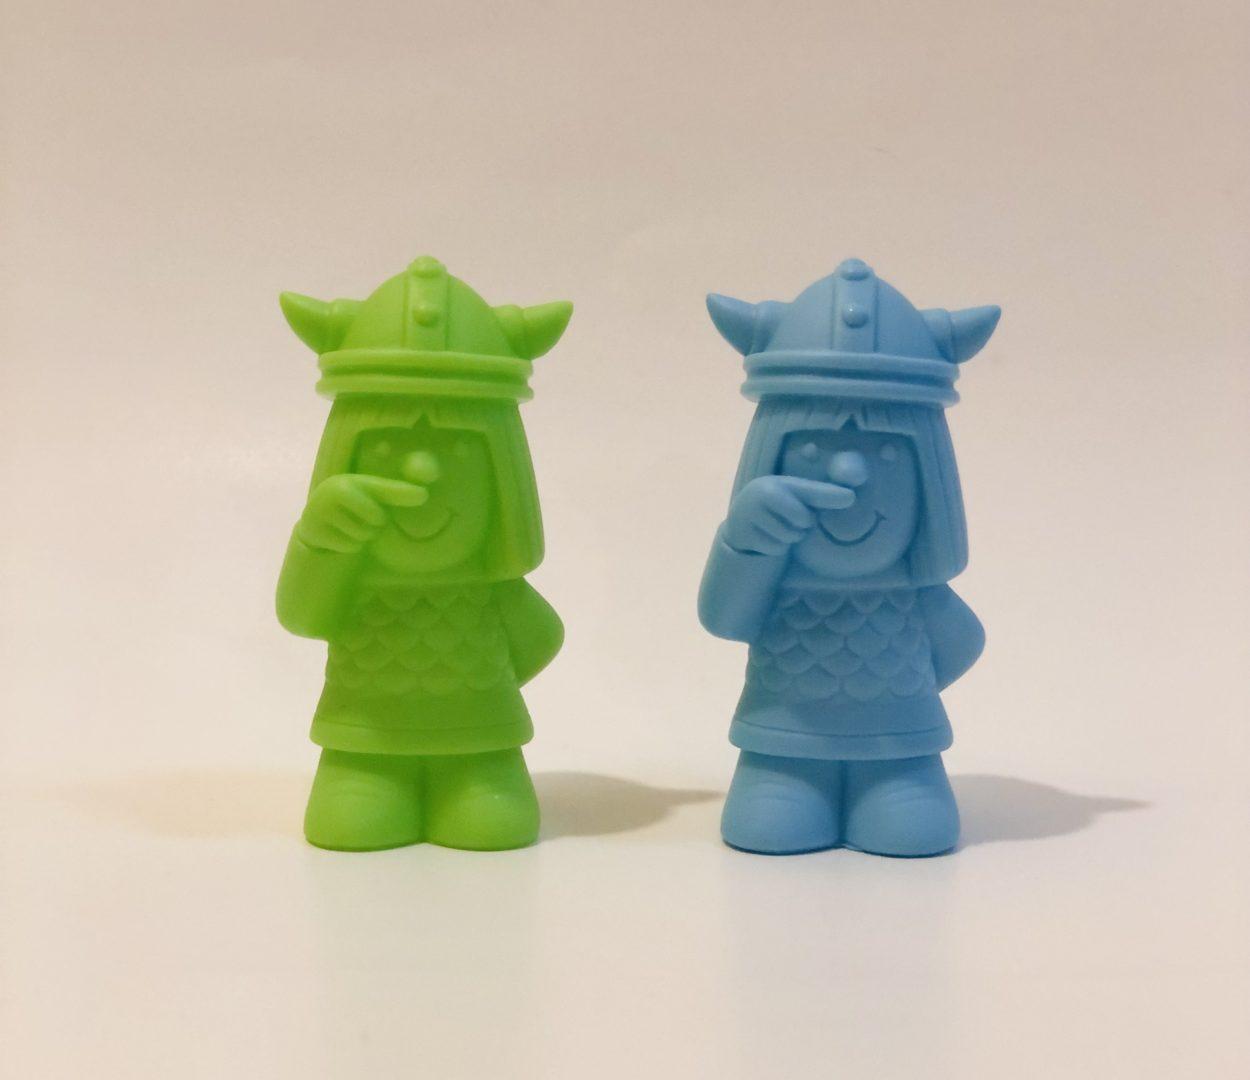 ソフビ指人形 ( 無塗装版 ) をアメイジング商店街で先行発売